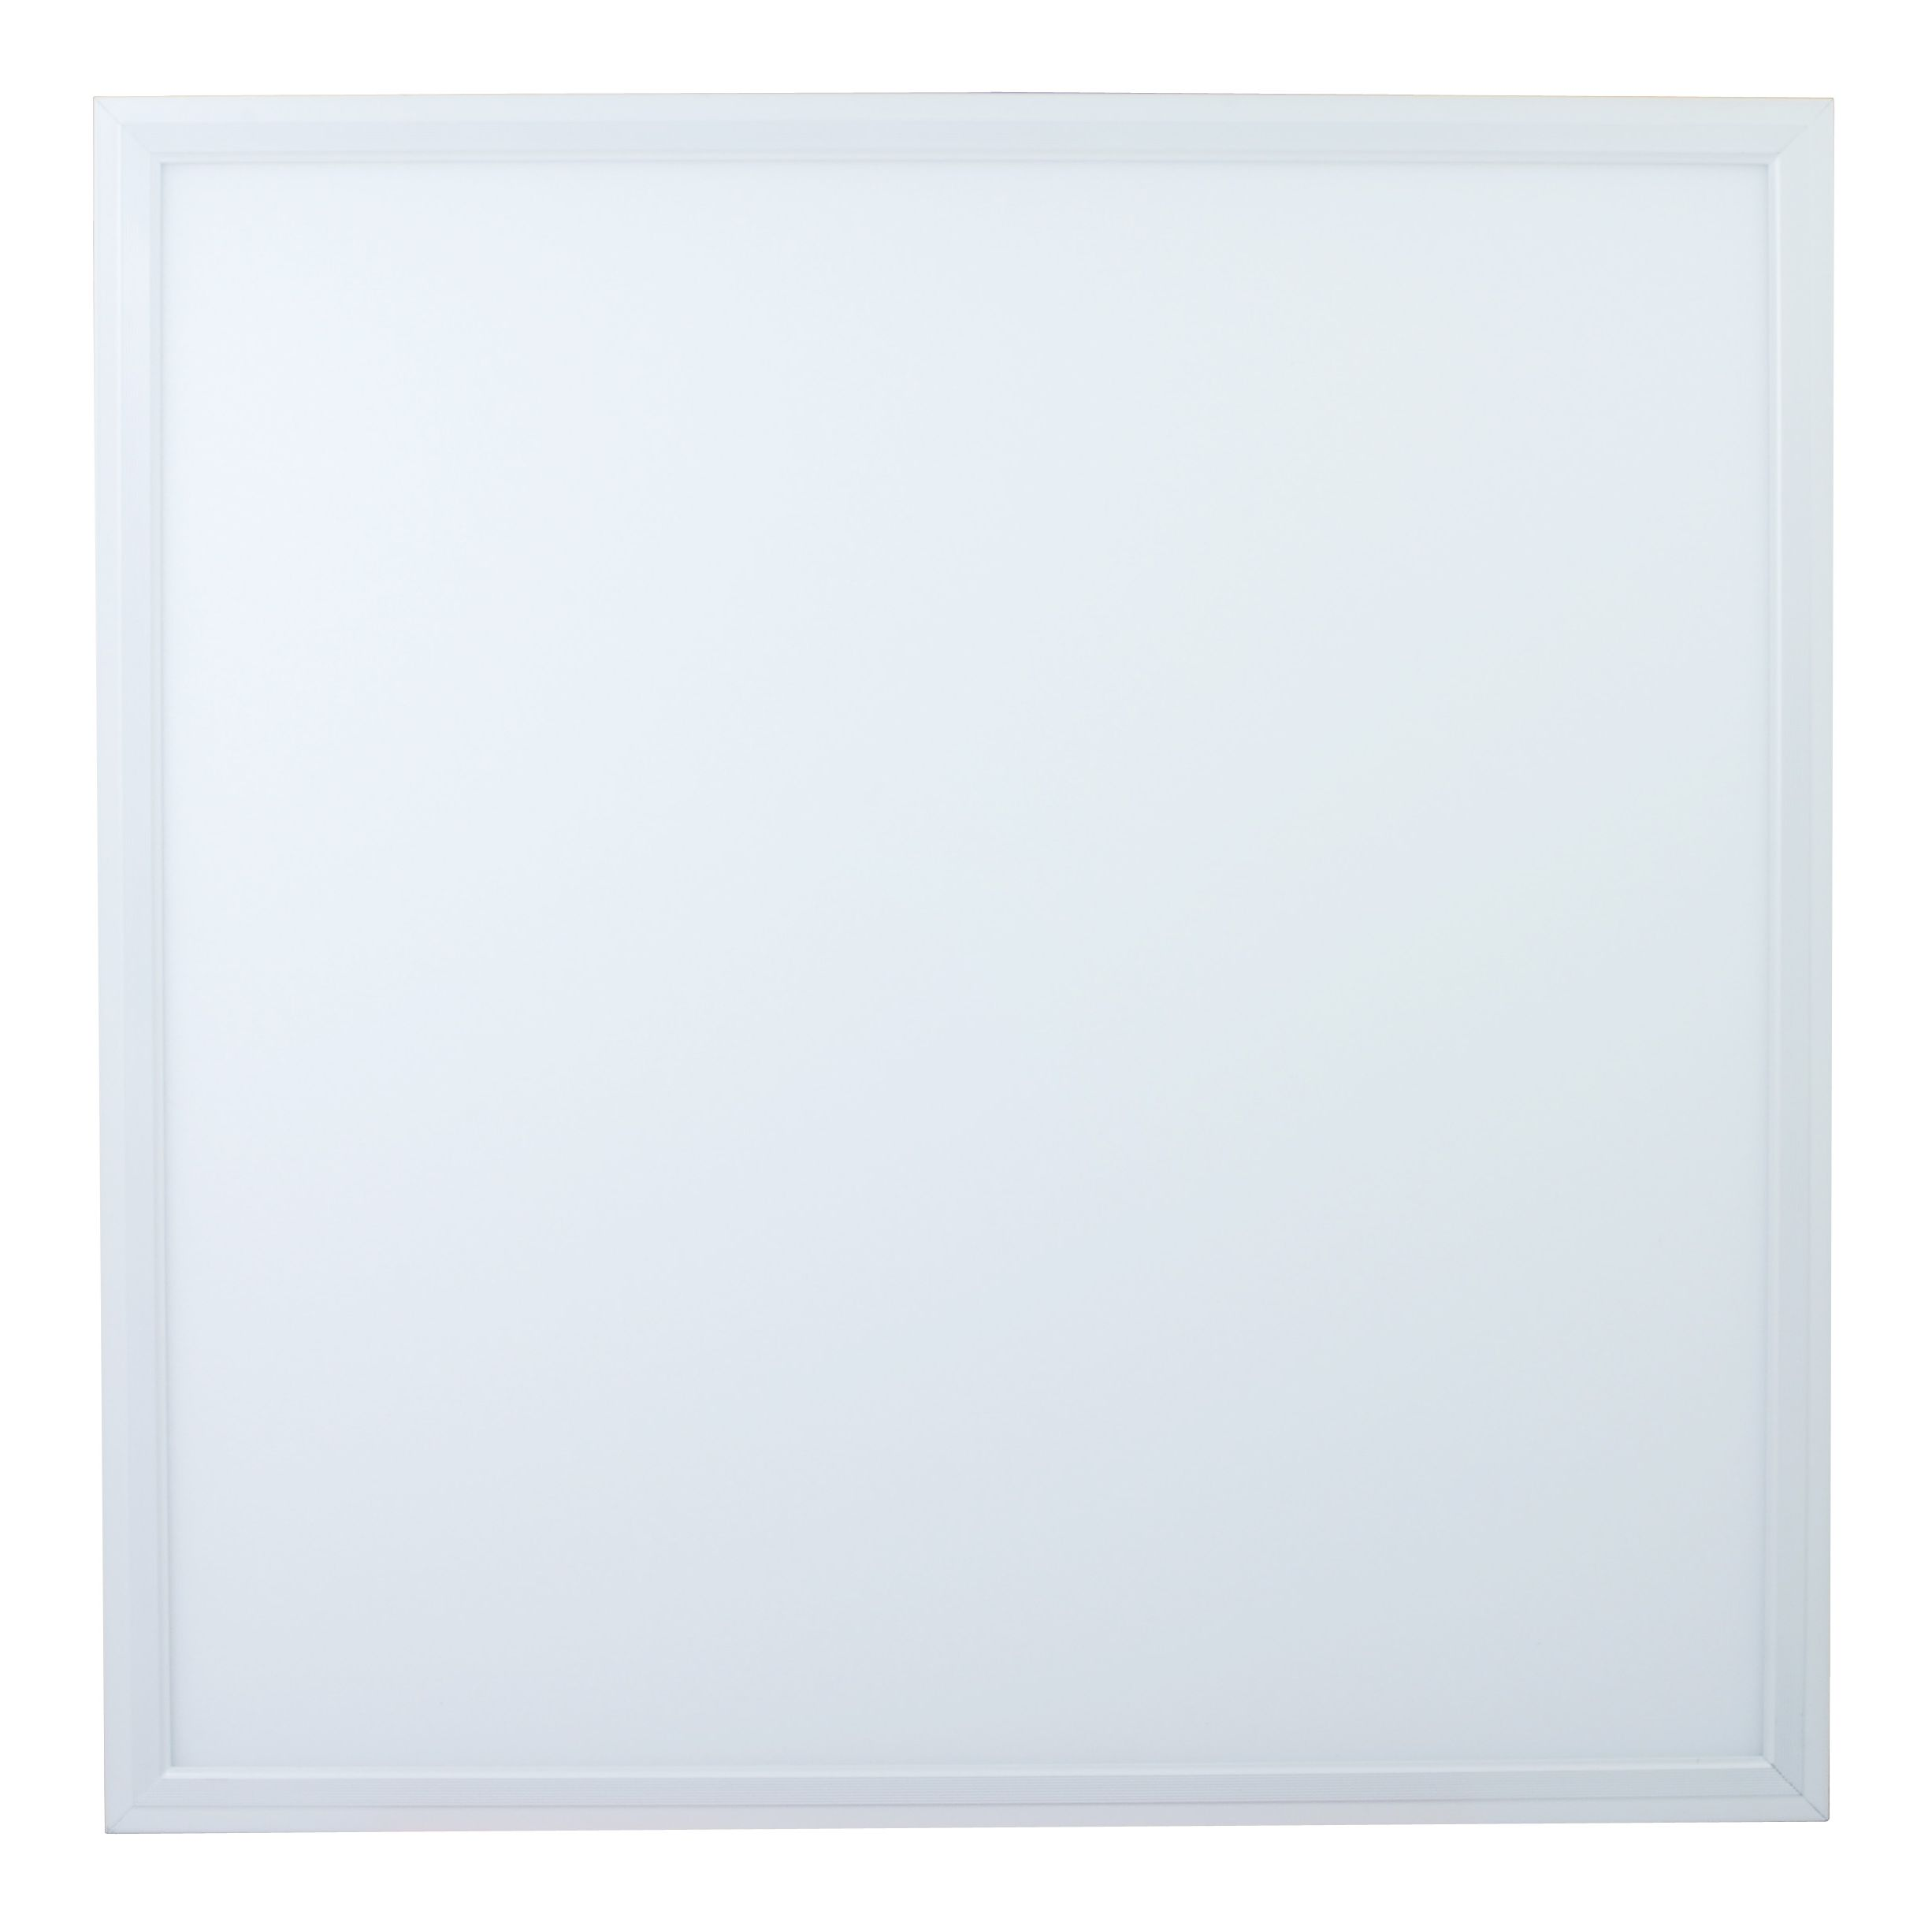 Alfatronic Biely vstavaný LED panel 600 x 600mm 40W POŠKRIABANÝ ROH VYP15